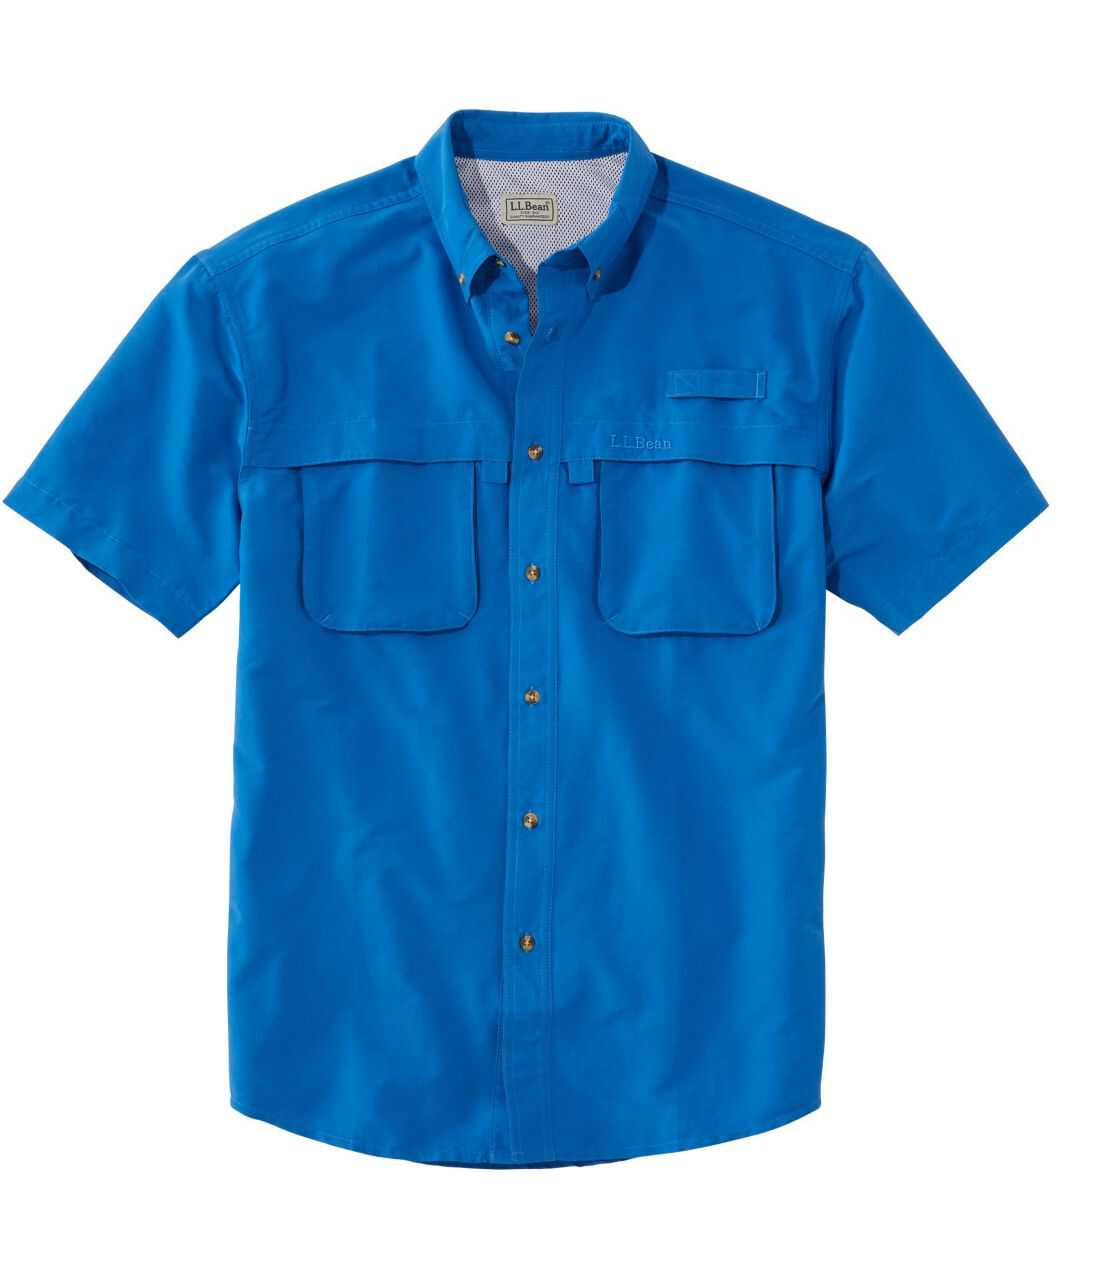 トロピックウエア・シャツ、半袖